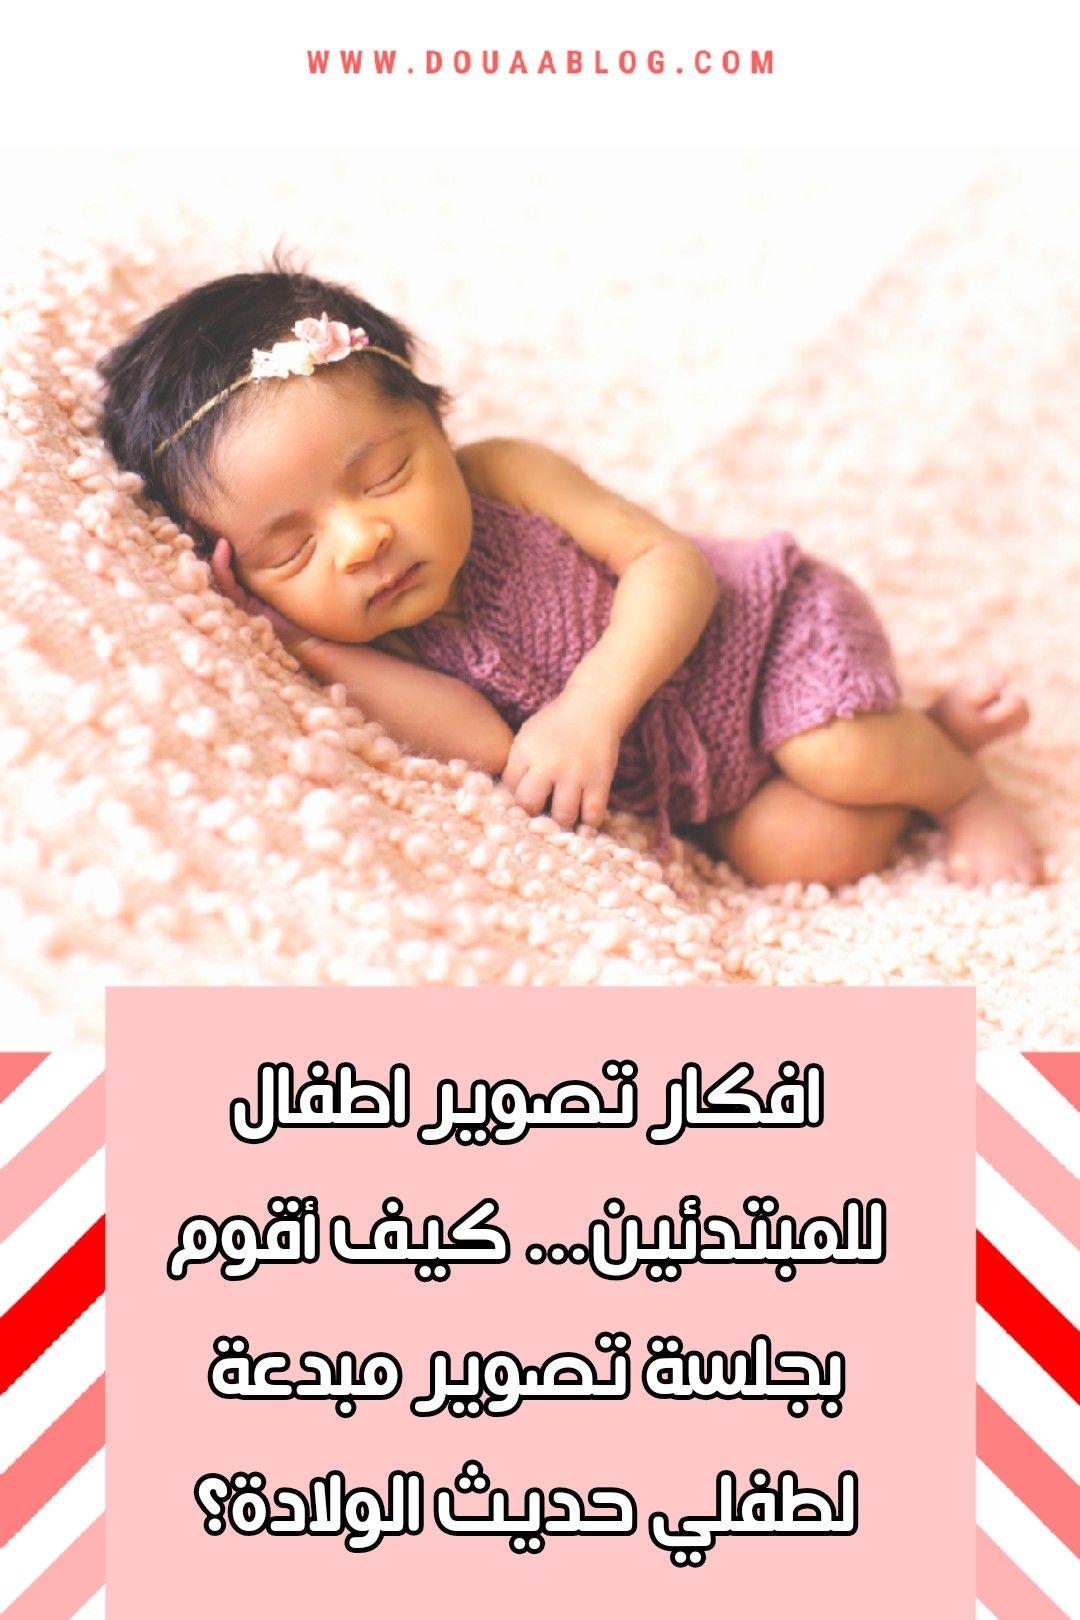 تصوير اطفال Baby Face Face Baby